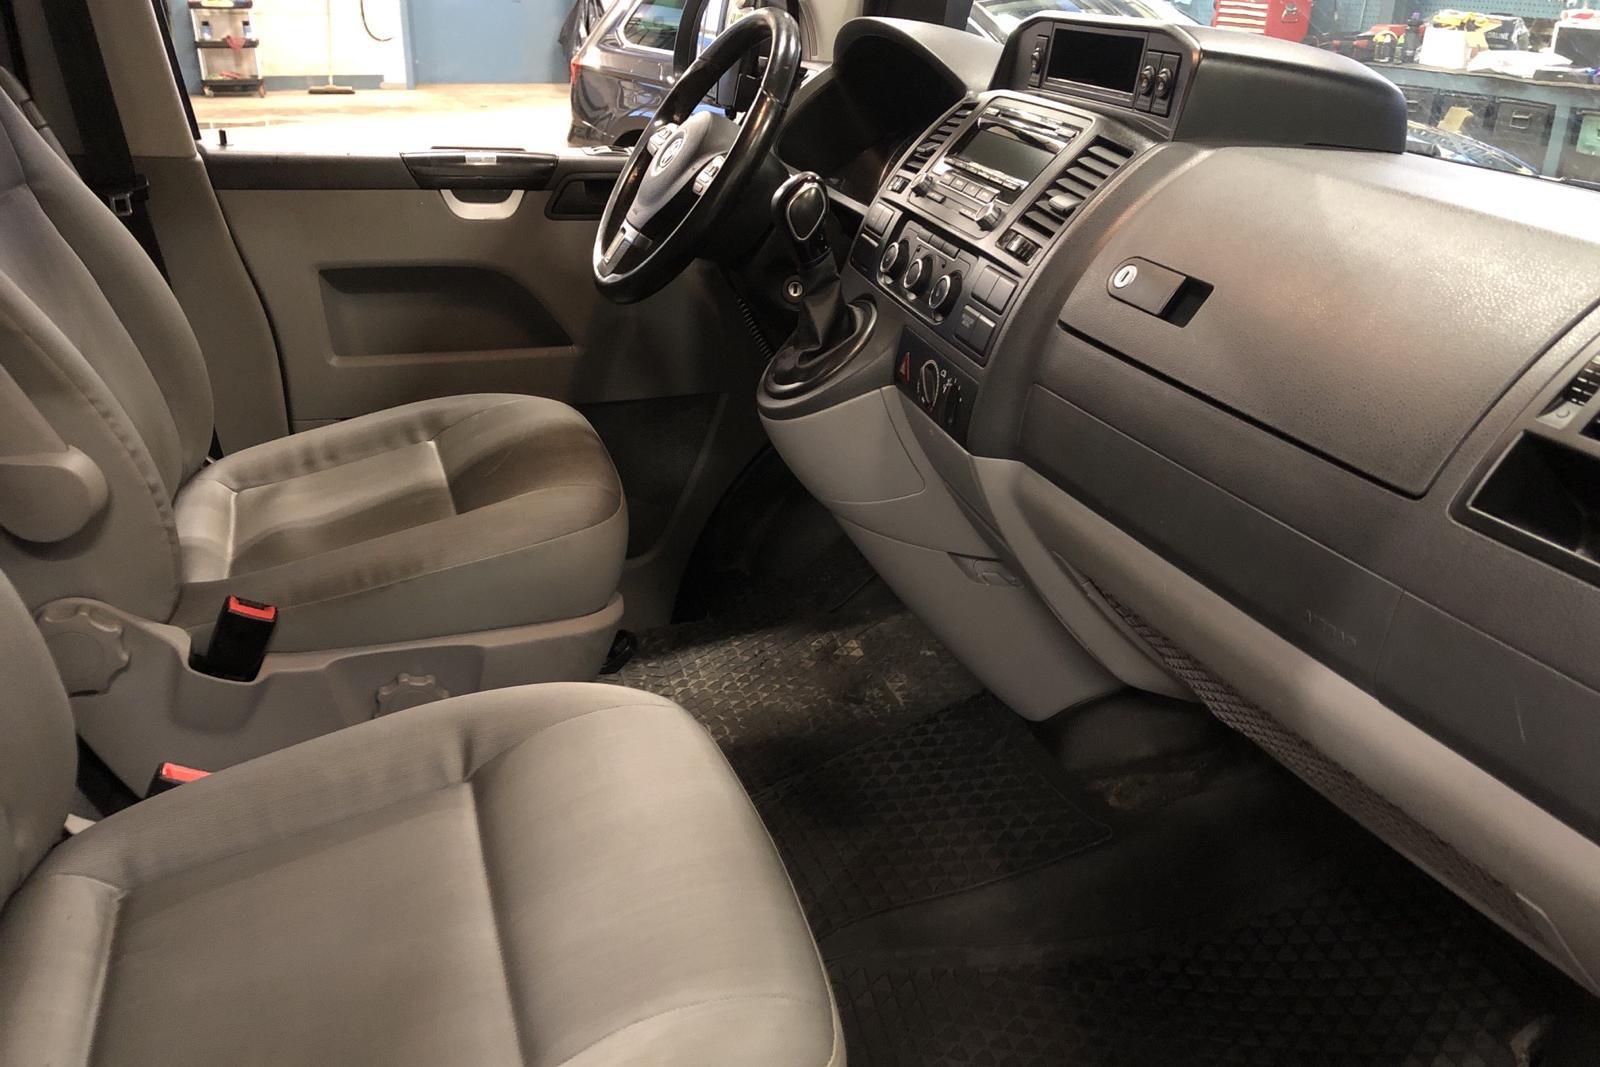 VW Transporter T5 2.0 TDI 4MOTION (180hk) - 8 566 mil - Automat - vit - 2015